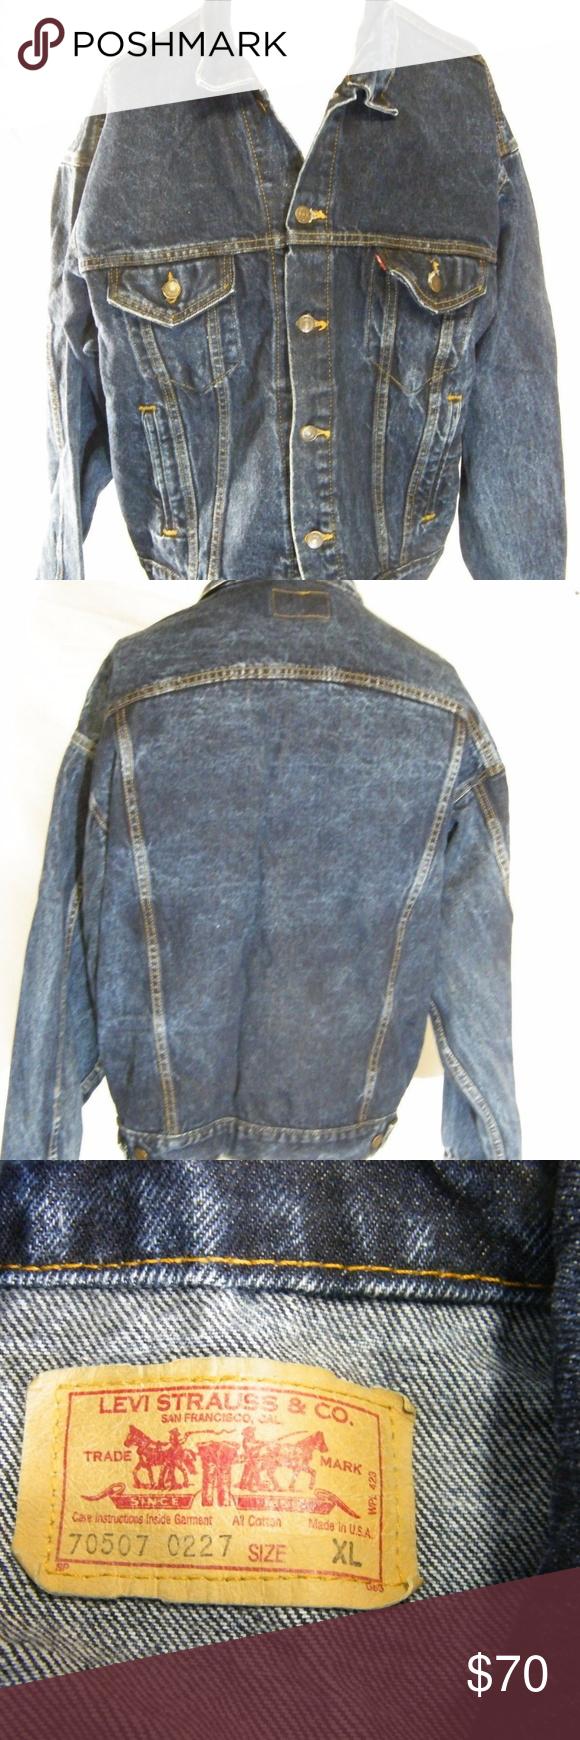 Levis Mens Blue Denim Trucker Jacket XL Clothes design